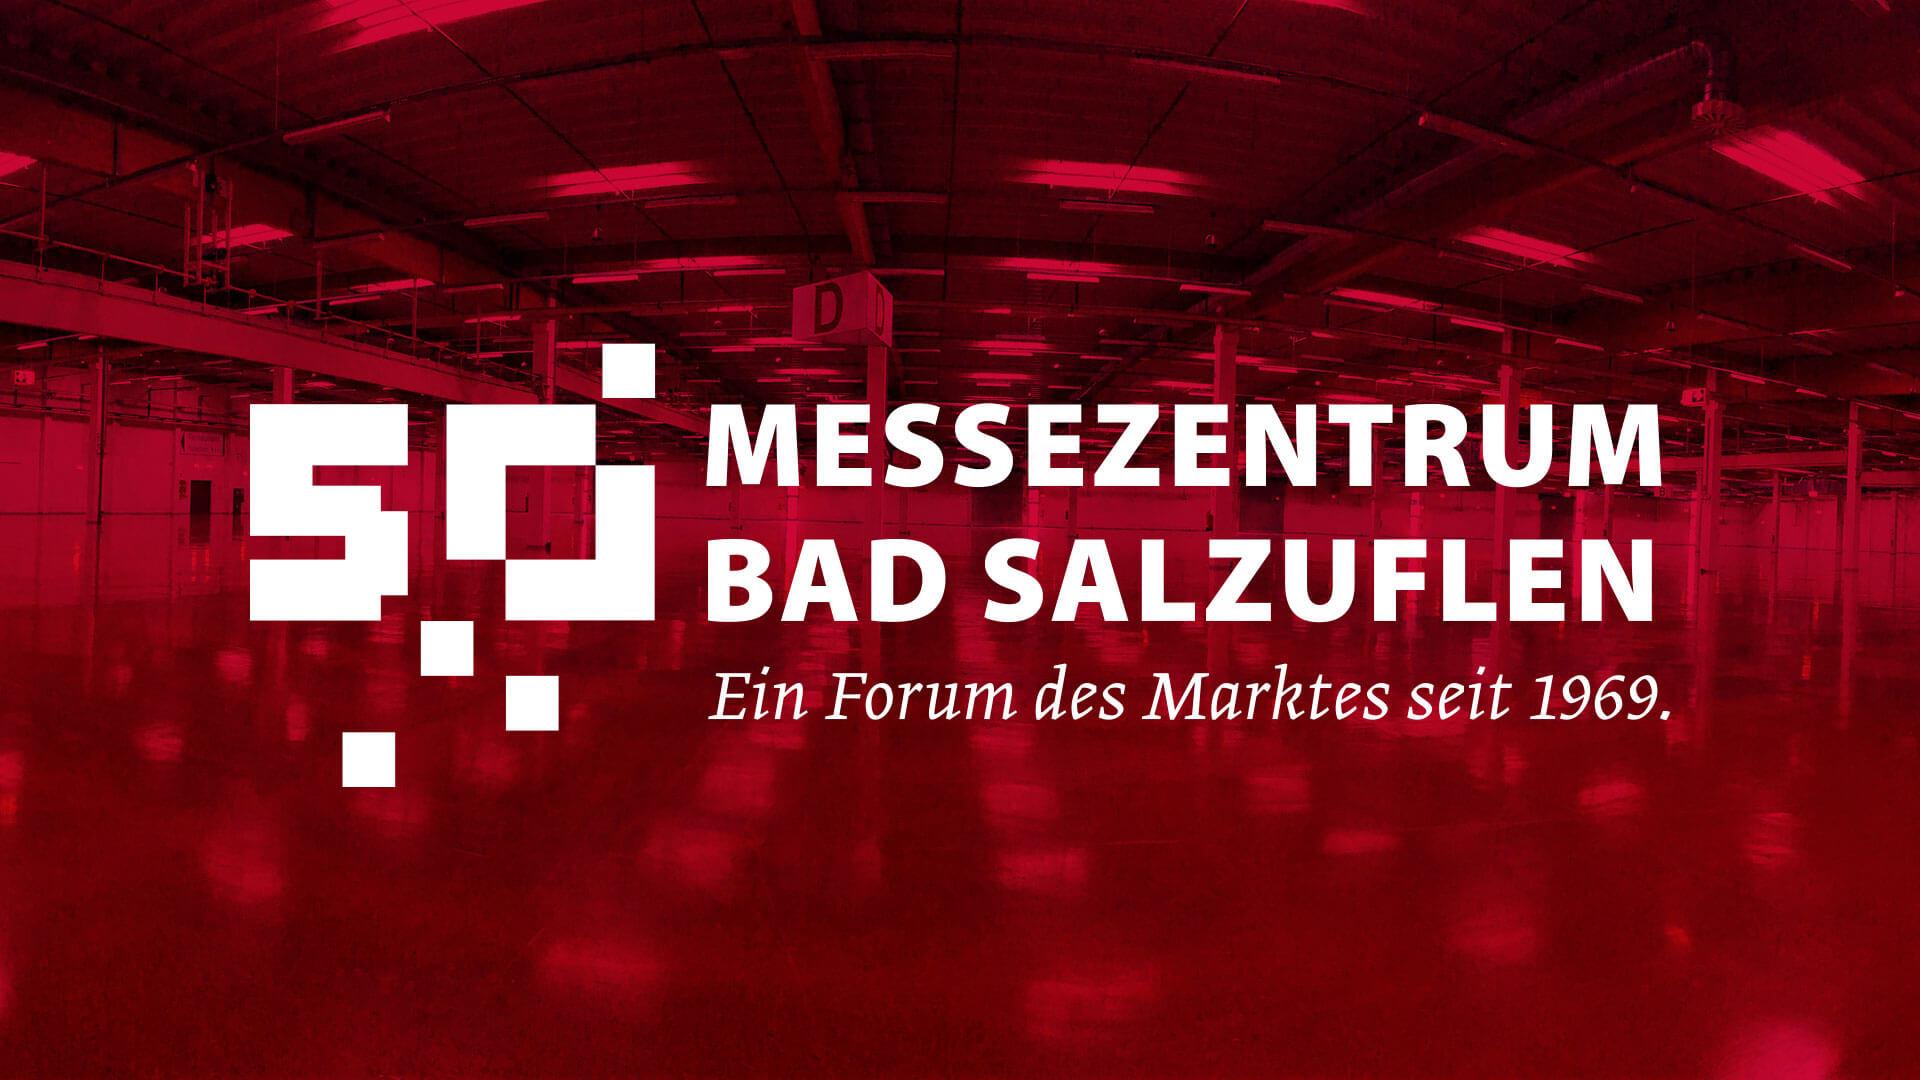 Jubiläumslogo 40 Jahre Messezentrum Bad Salzuflen